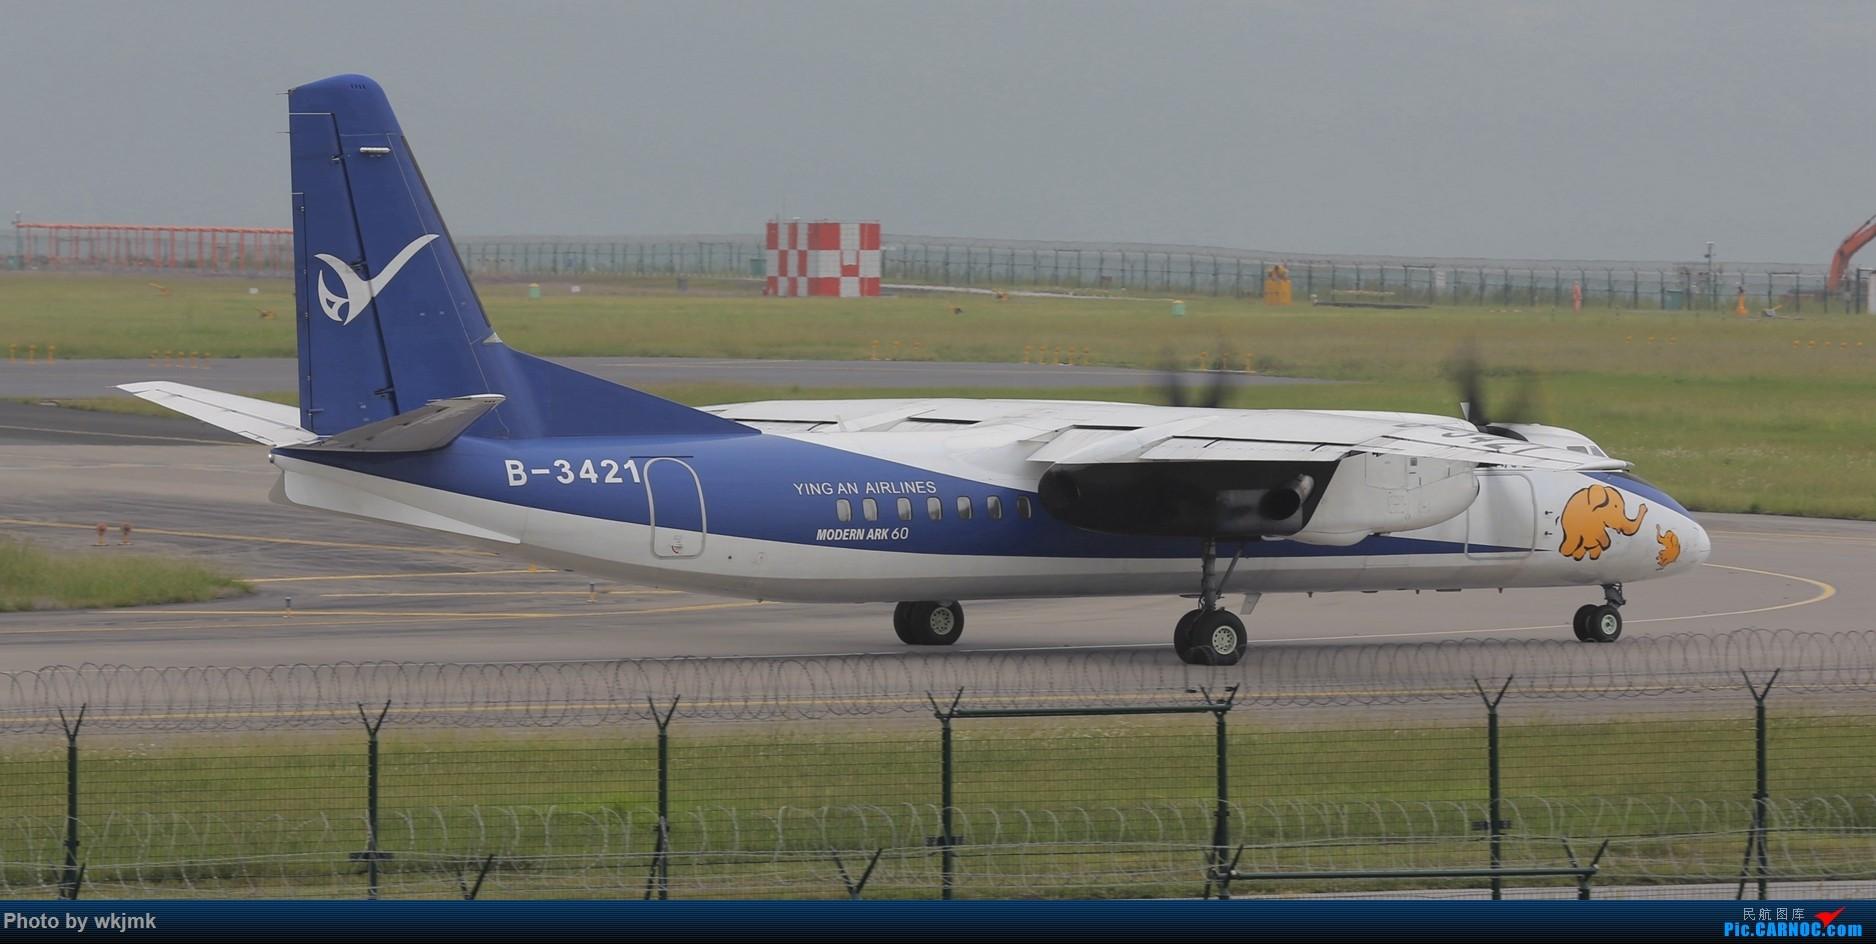 Re:[原创]西宁,成都,重庆三地拍机 XIFEI MA-60 B-3421 中国重庆江北国际机场